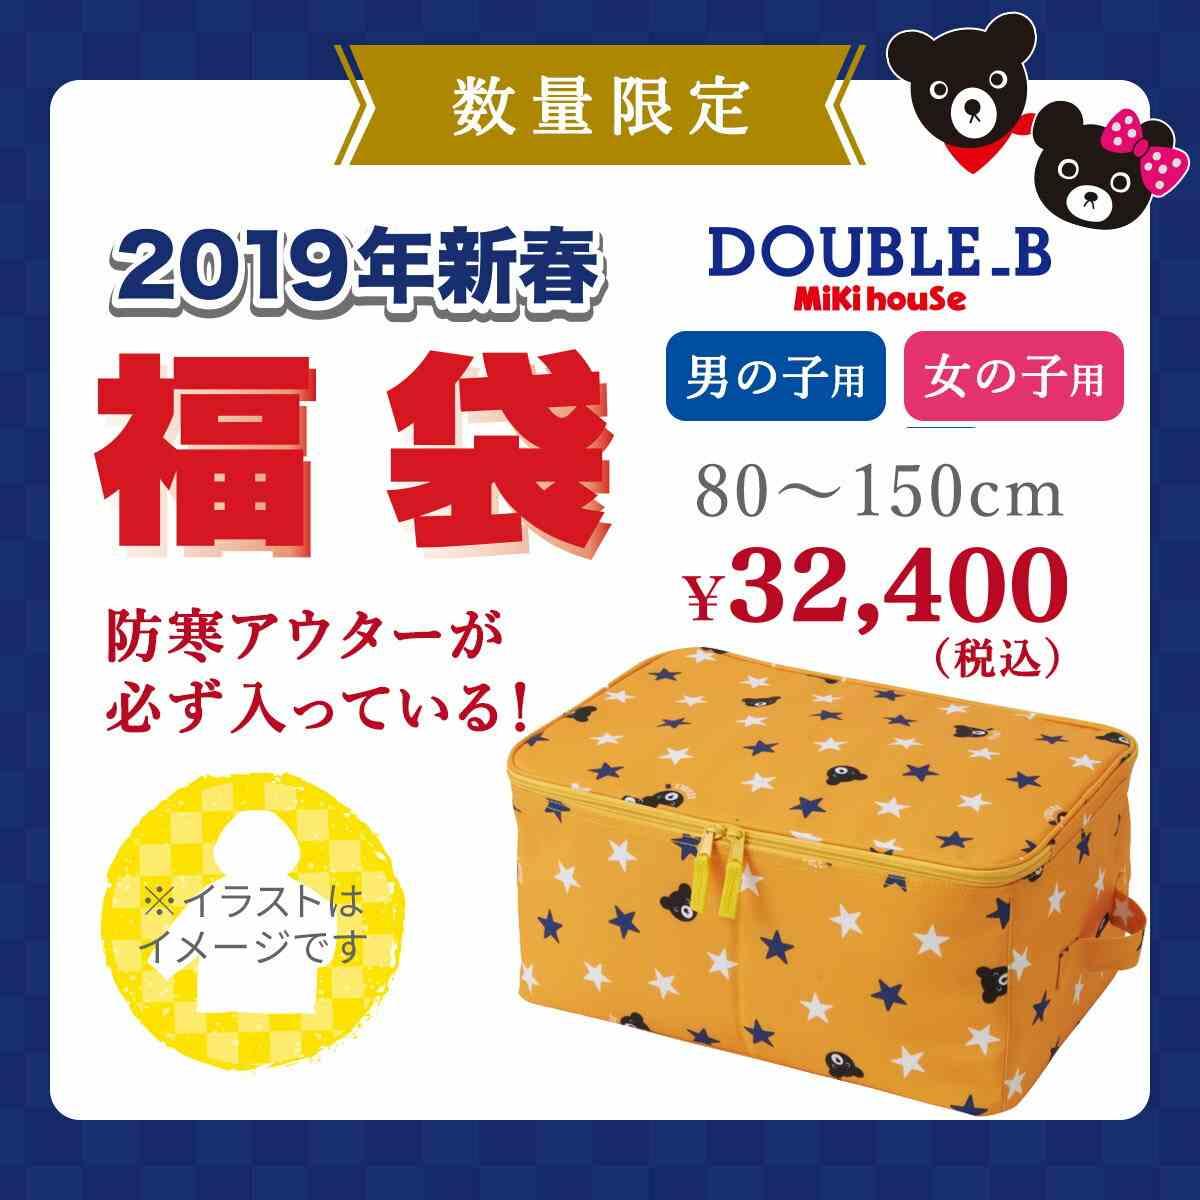 ダブルB DOUBLE_B 3万円福袋 新春福袋 80-150cm 予約